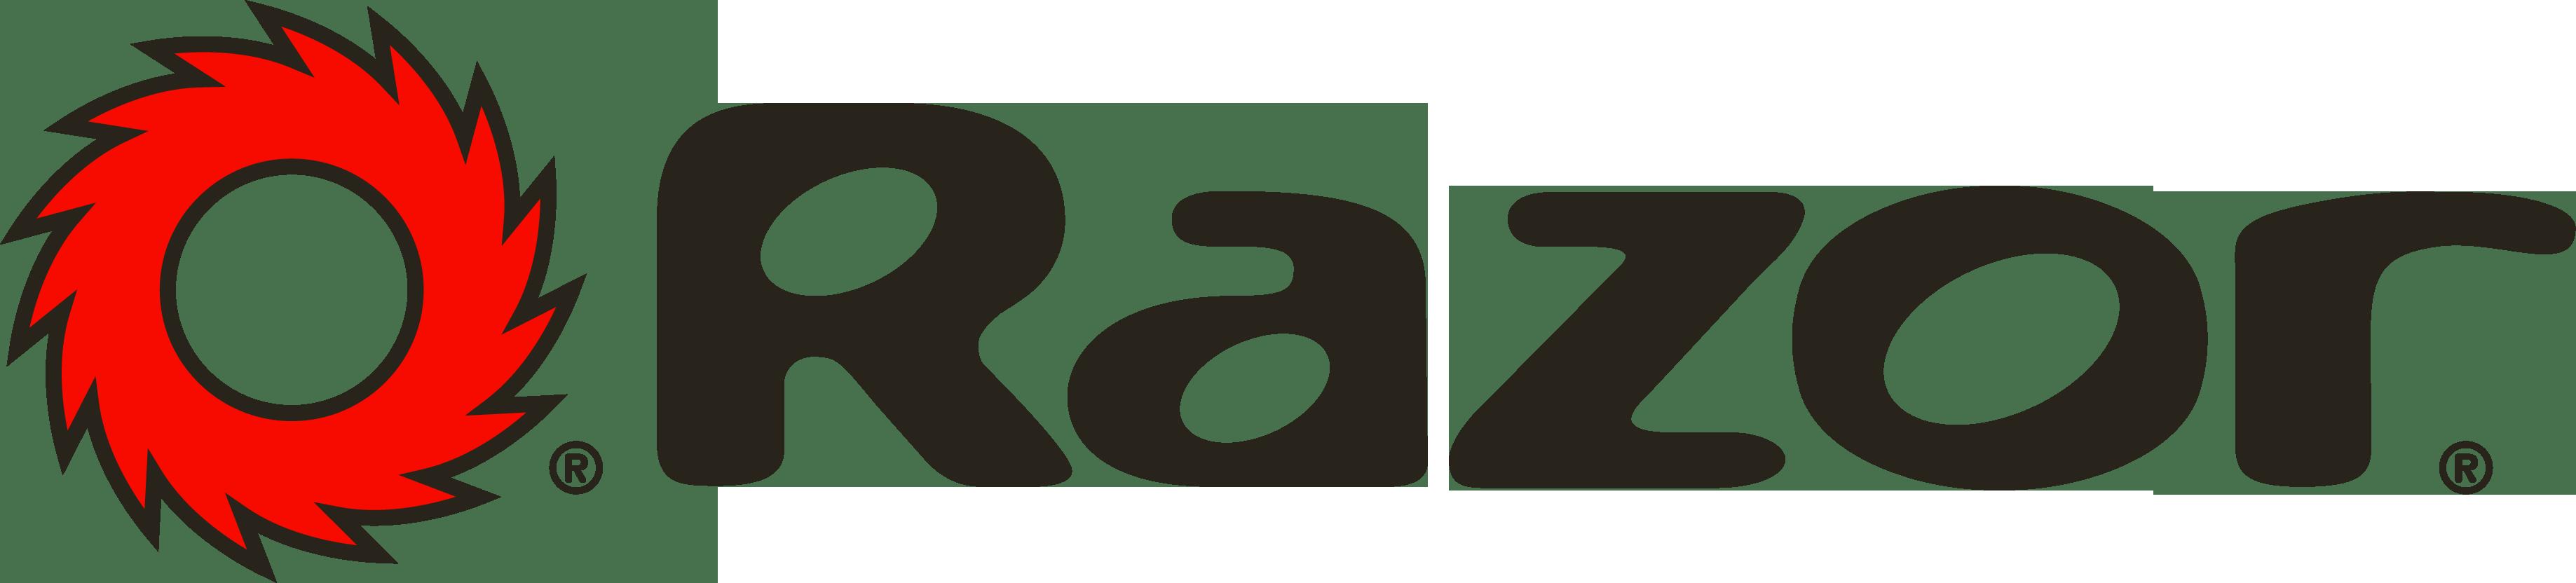 Razor